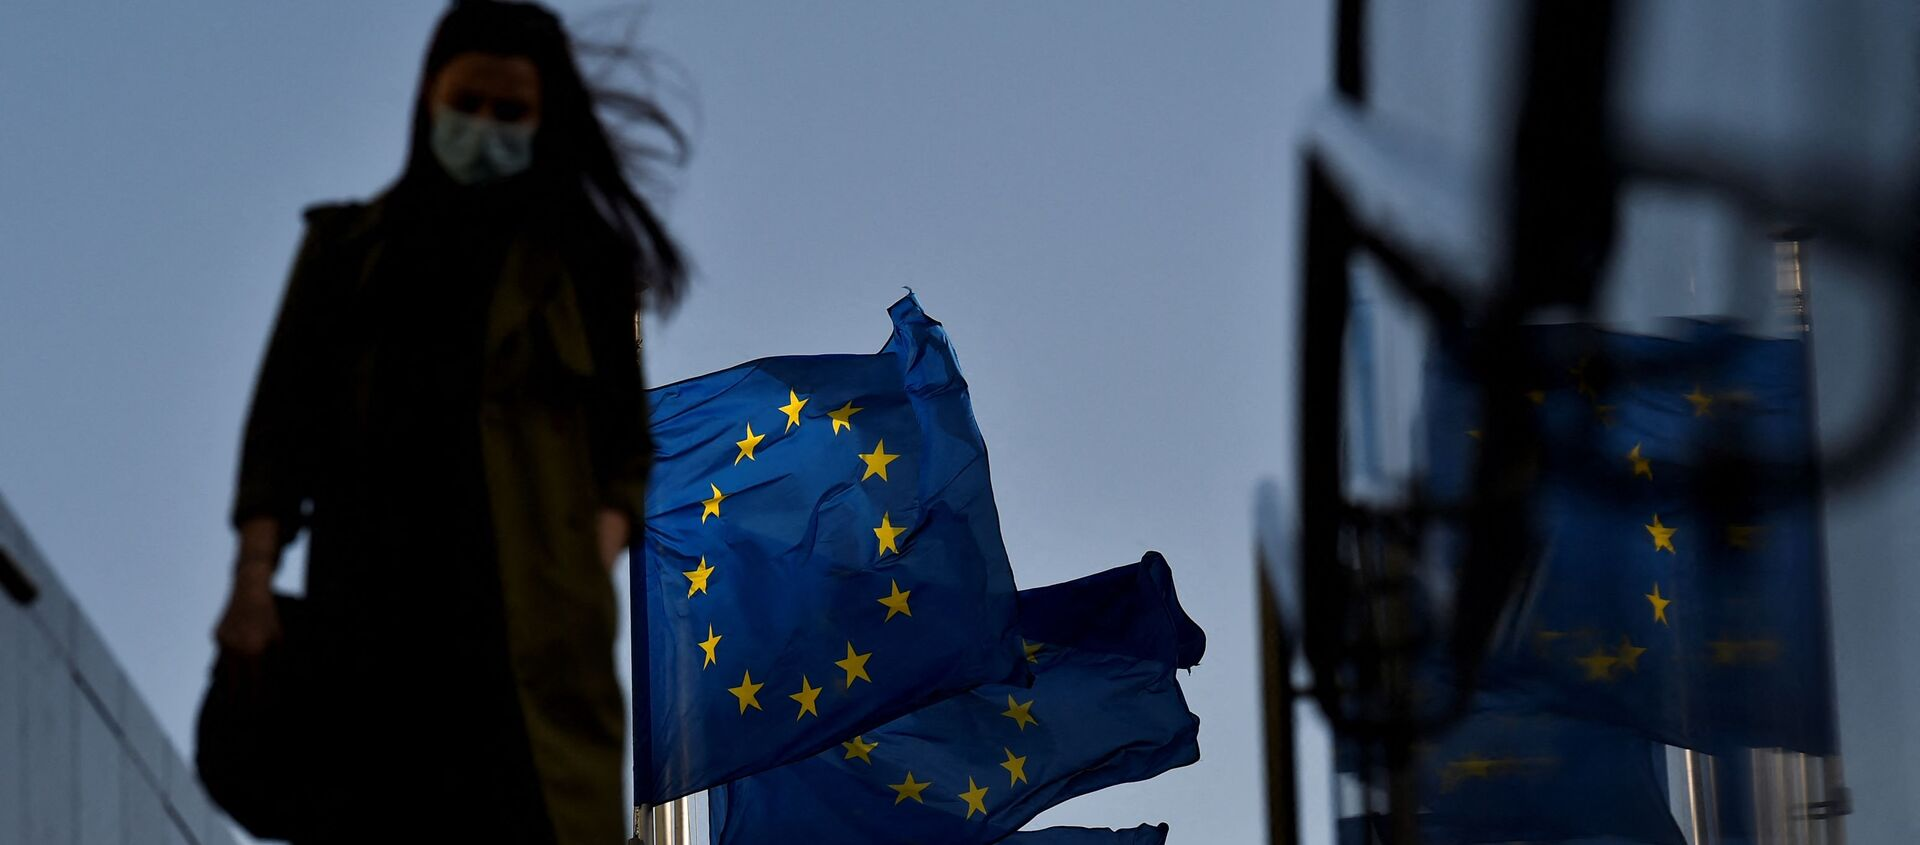 Женщина в защитной маске идет перед флагом Европейского Союза в районе штаб-квартиры ЕС в Брюсселе, 23 февраля 2021 г - Sputnik Абхазия, 1920, 27.05.2021